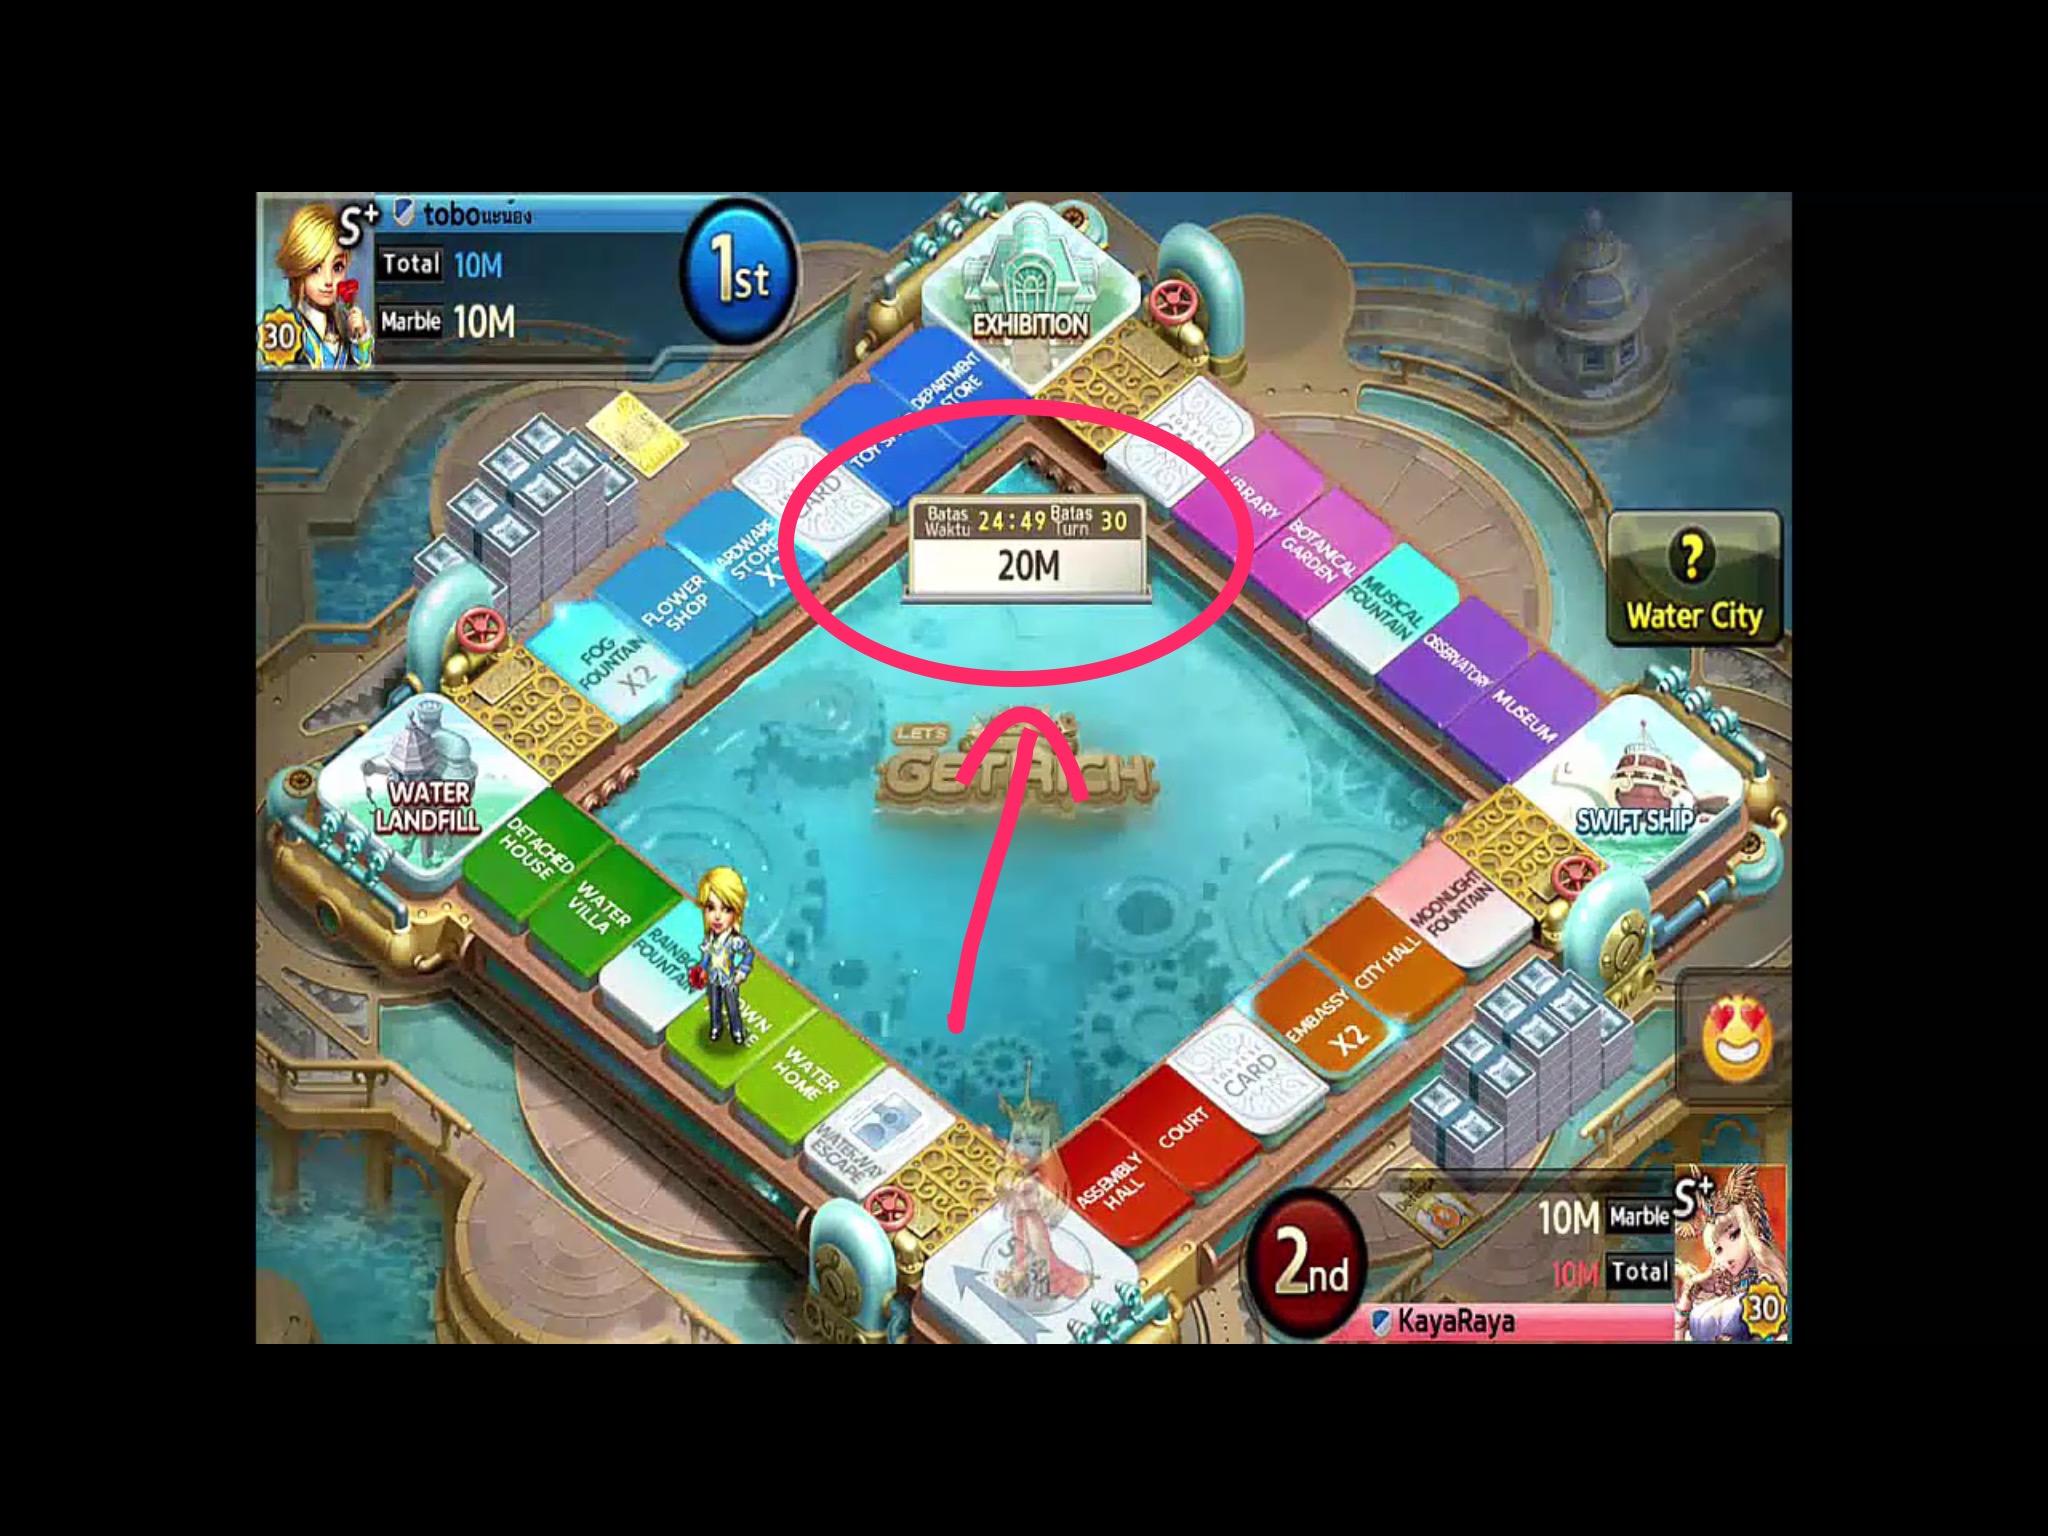 total marble dalam permainan lets get rich